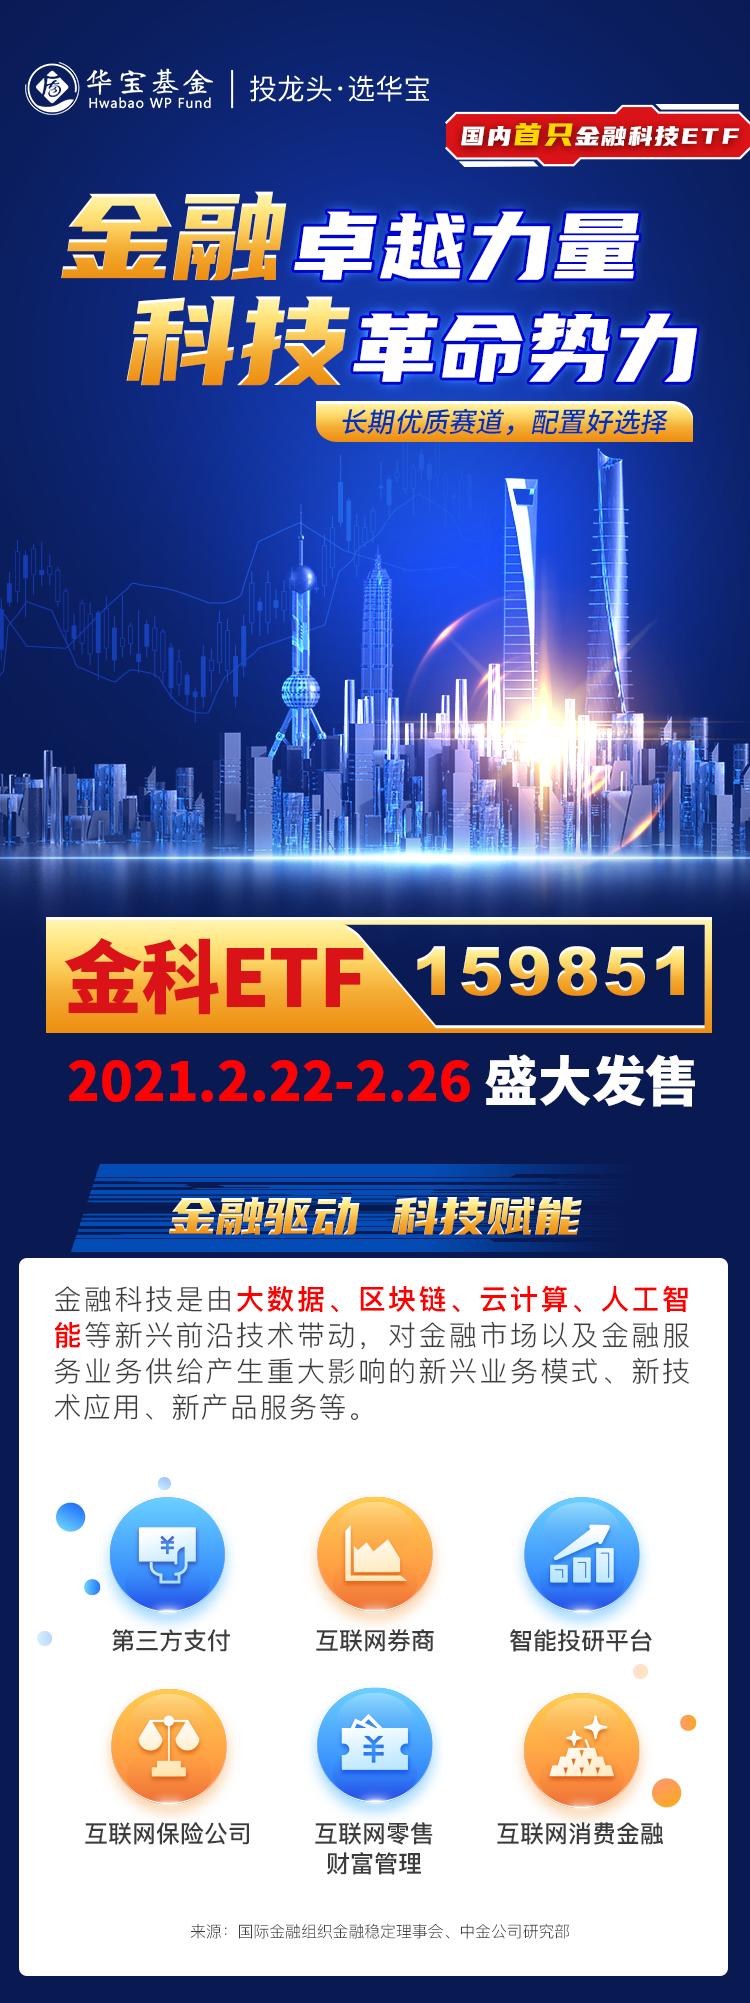 国内首只金融科技ETF(159851)今日启动盛大发售!